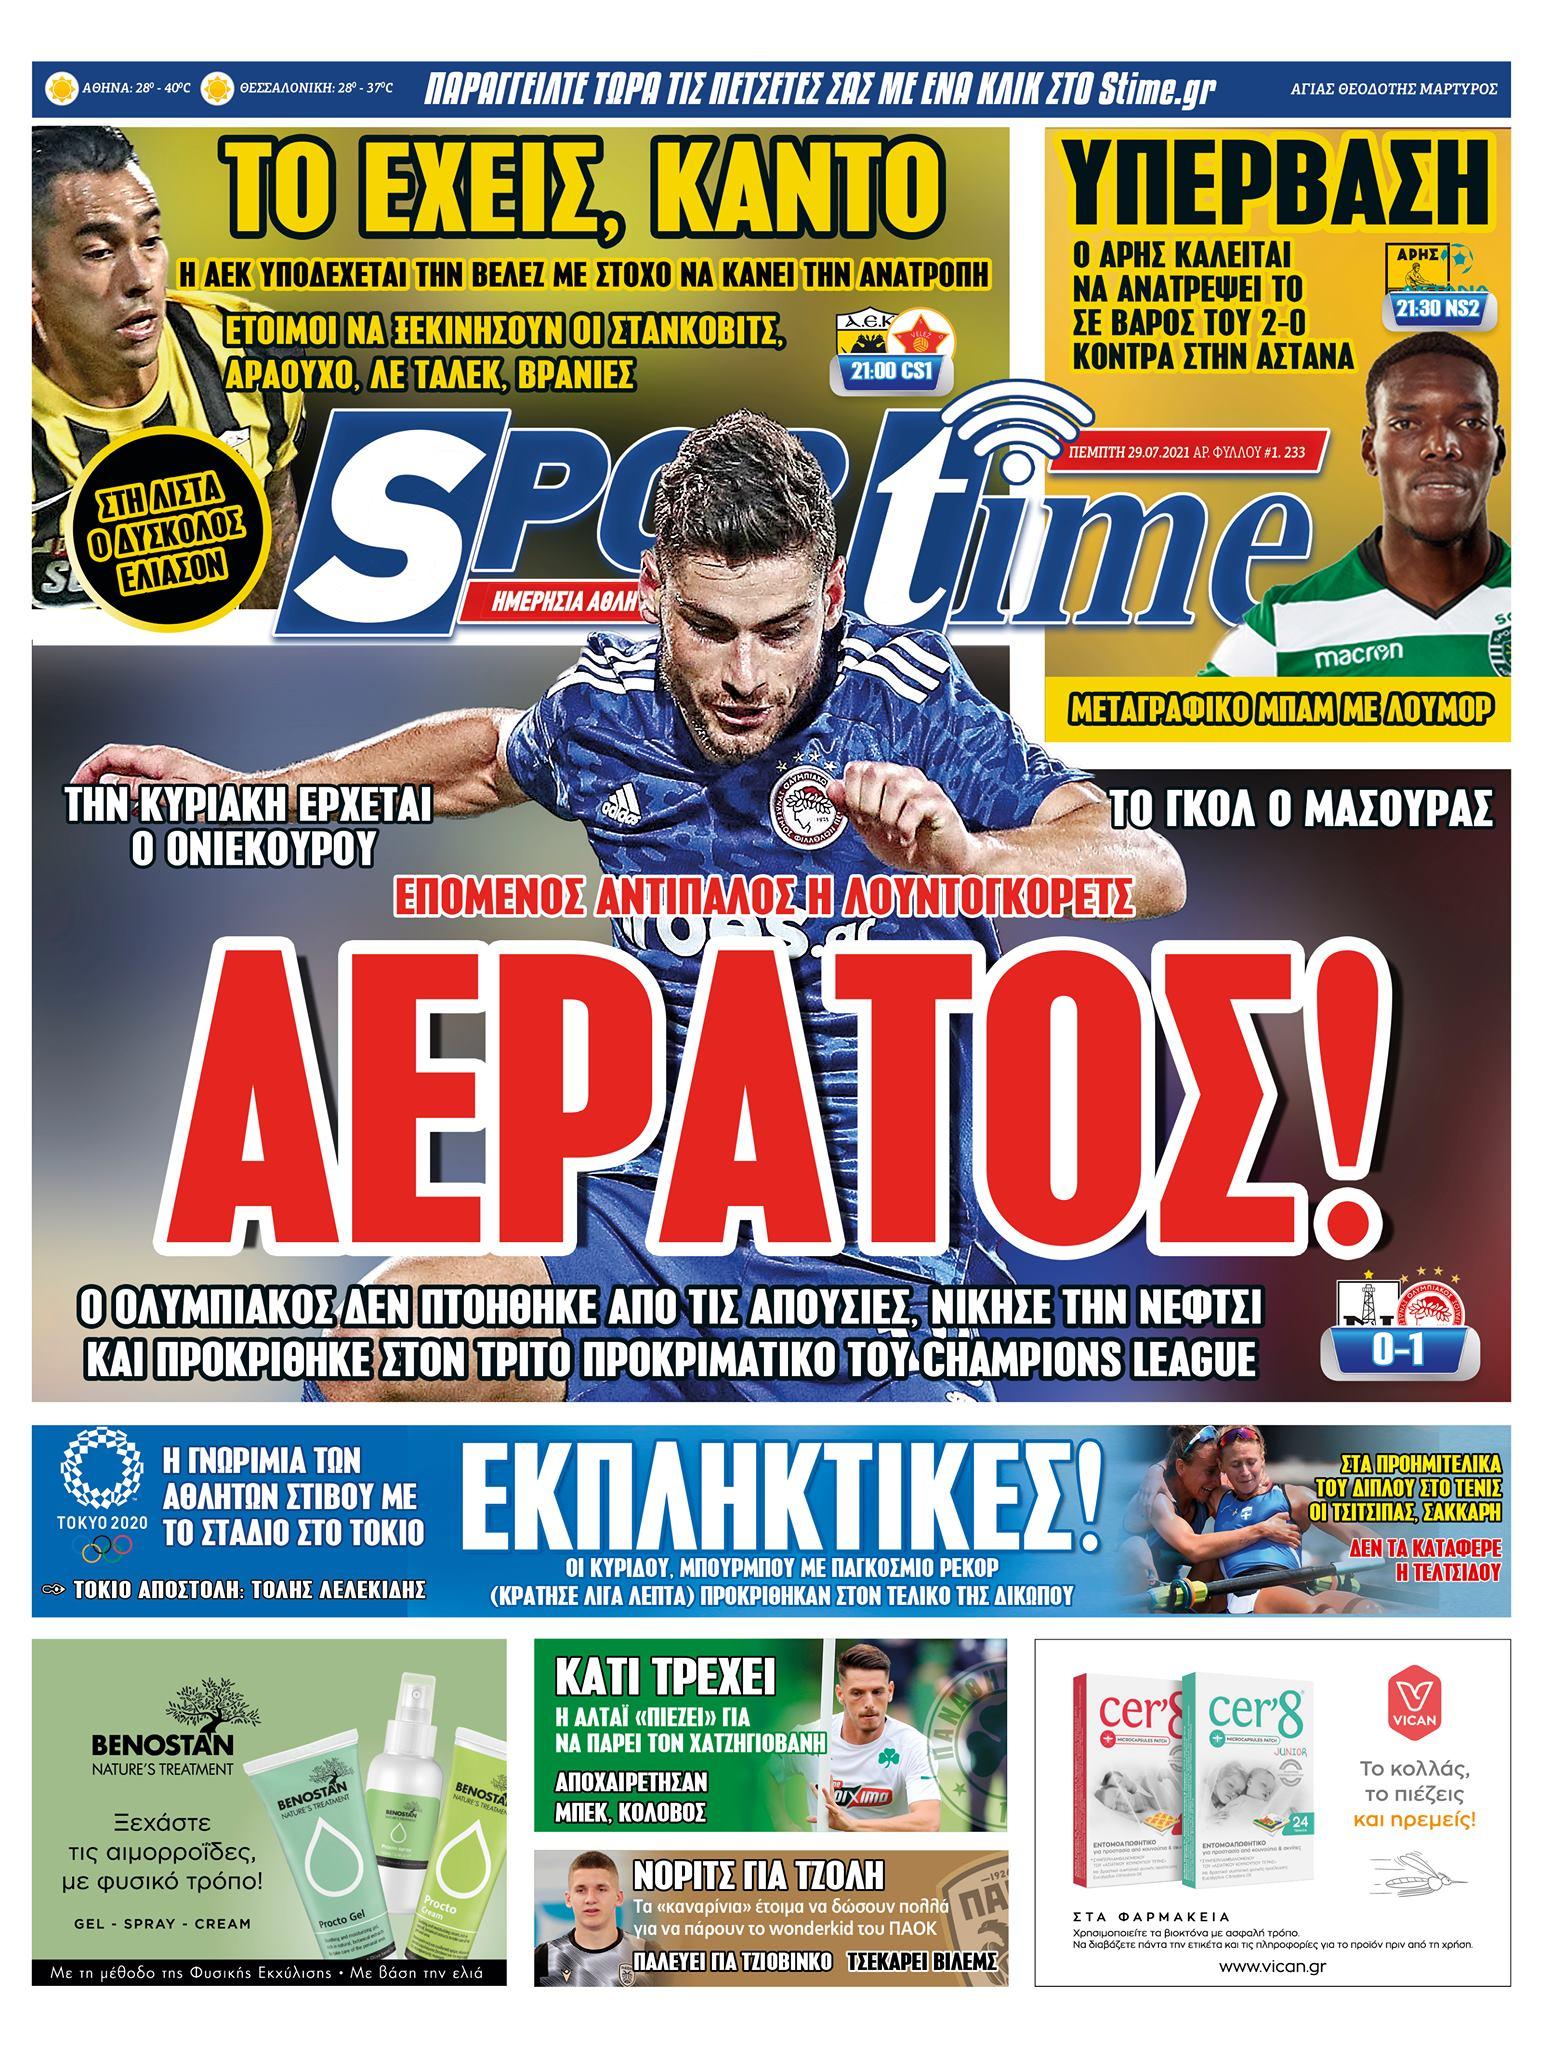 Εφημερίδα SPORTIME - Εξώφυλλο φύλλου 29/7/2021